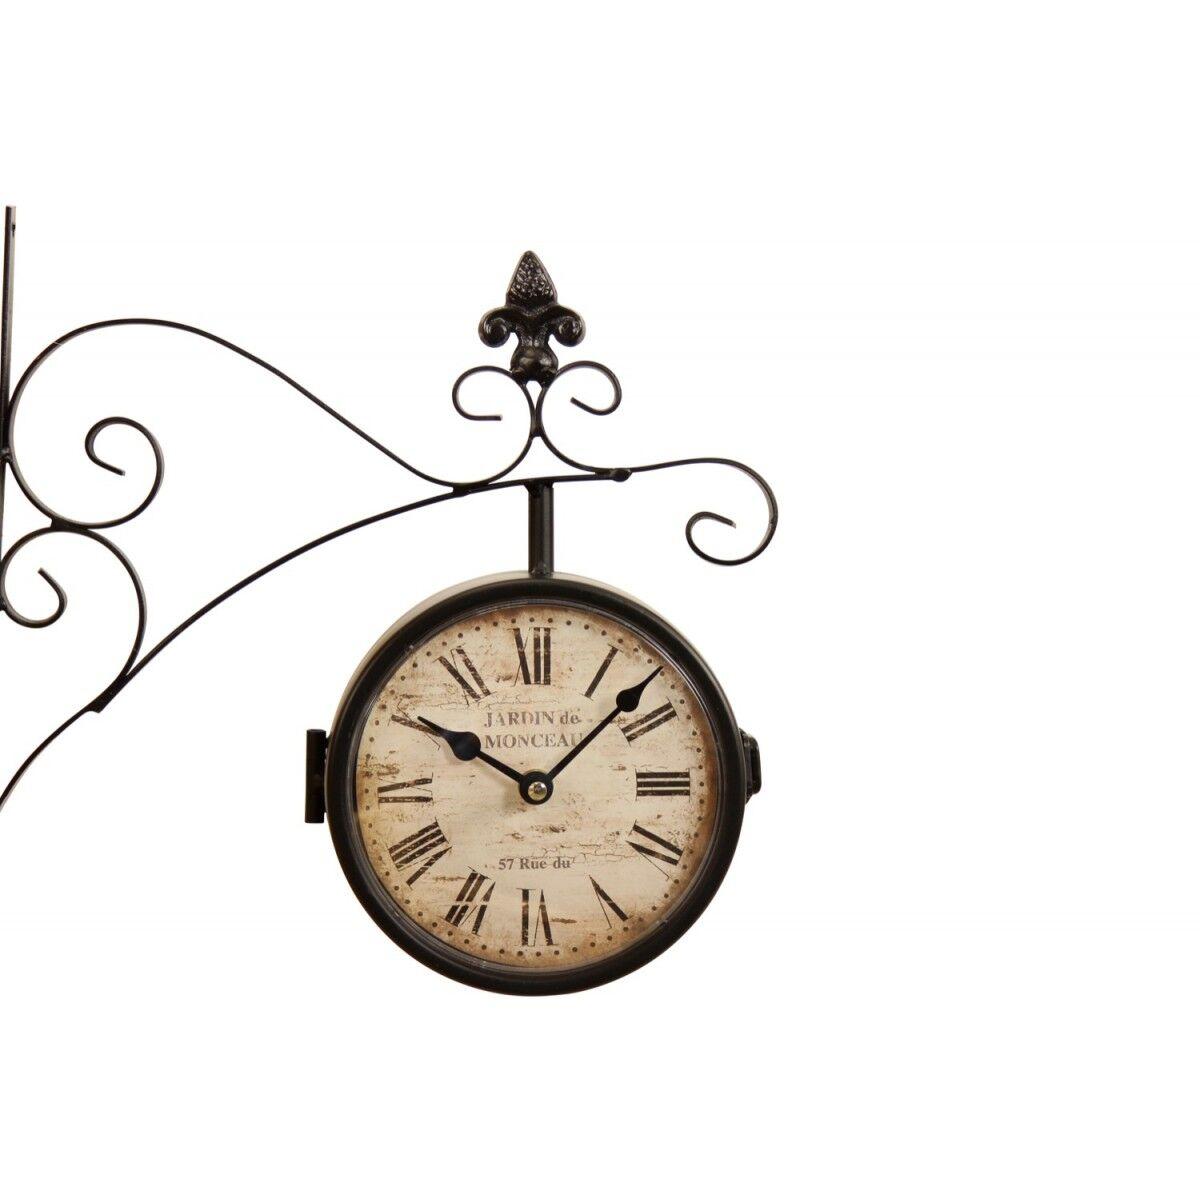 Décoration d'Autrefois Horloge De Gare Ancienne Double Face Jardin de Monceau 16cm - Fer Forgé - Blanc